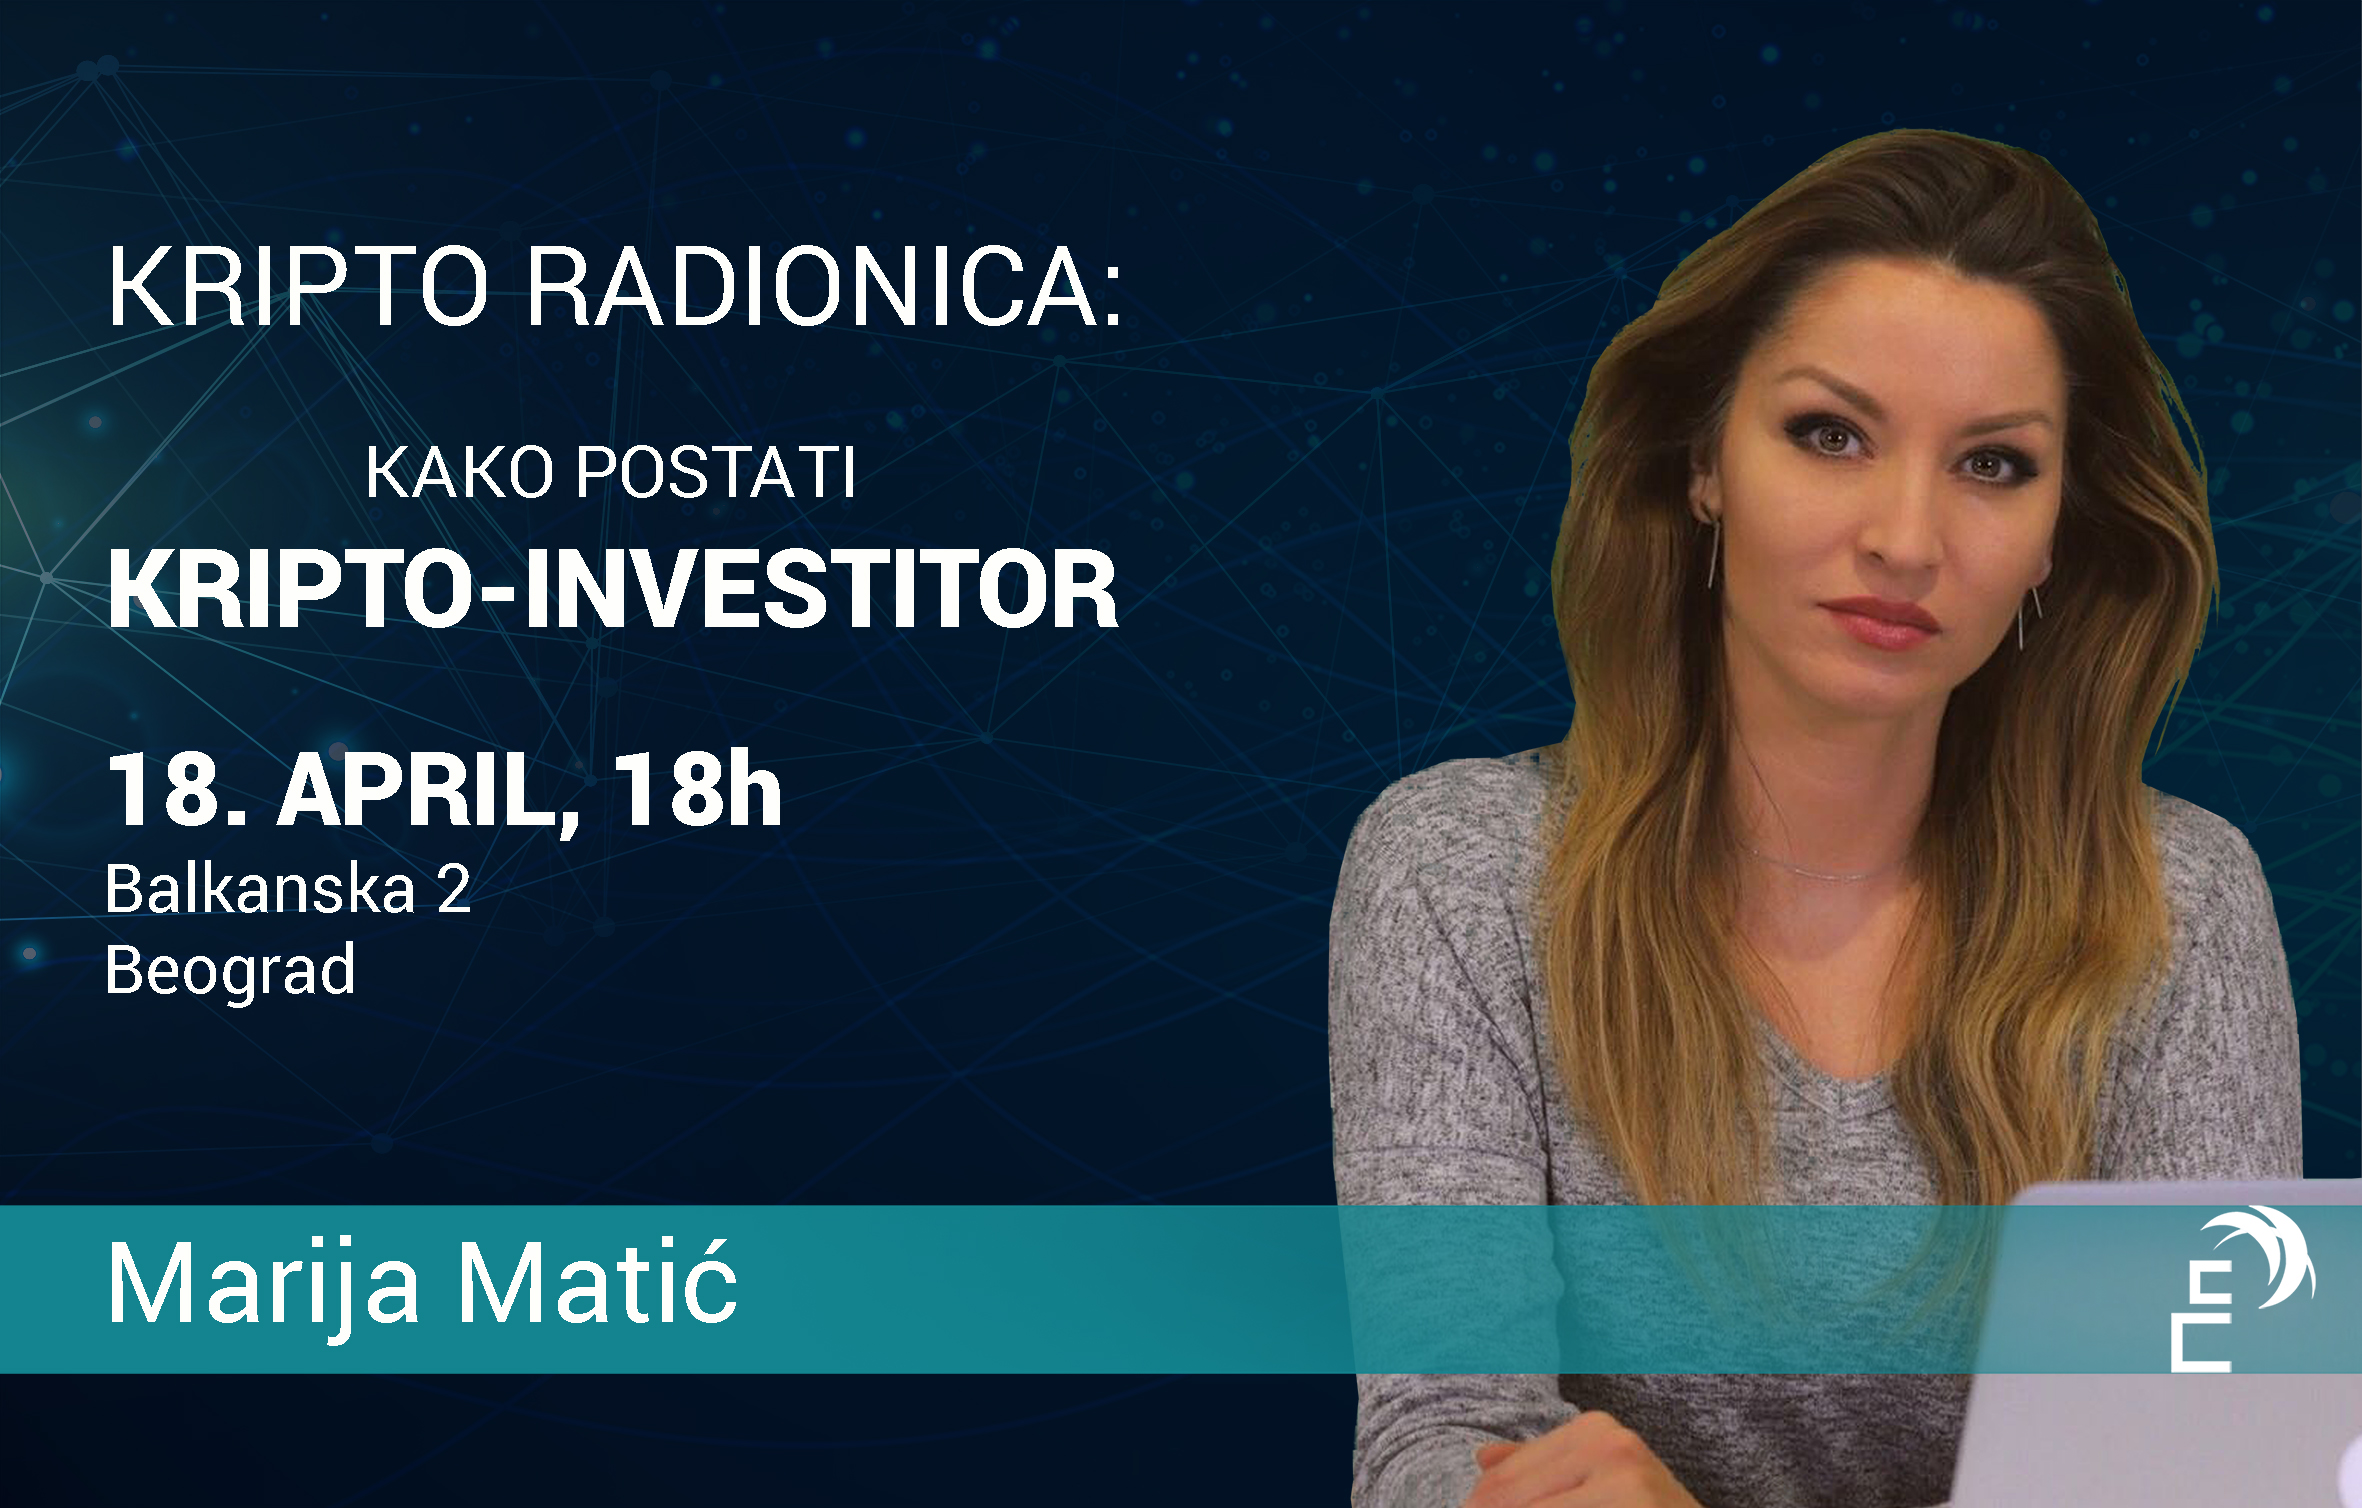 BelgradeCrypto_KakoPostatiKriptoInvestitor_Predavanje.jpg